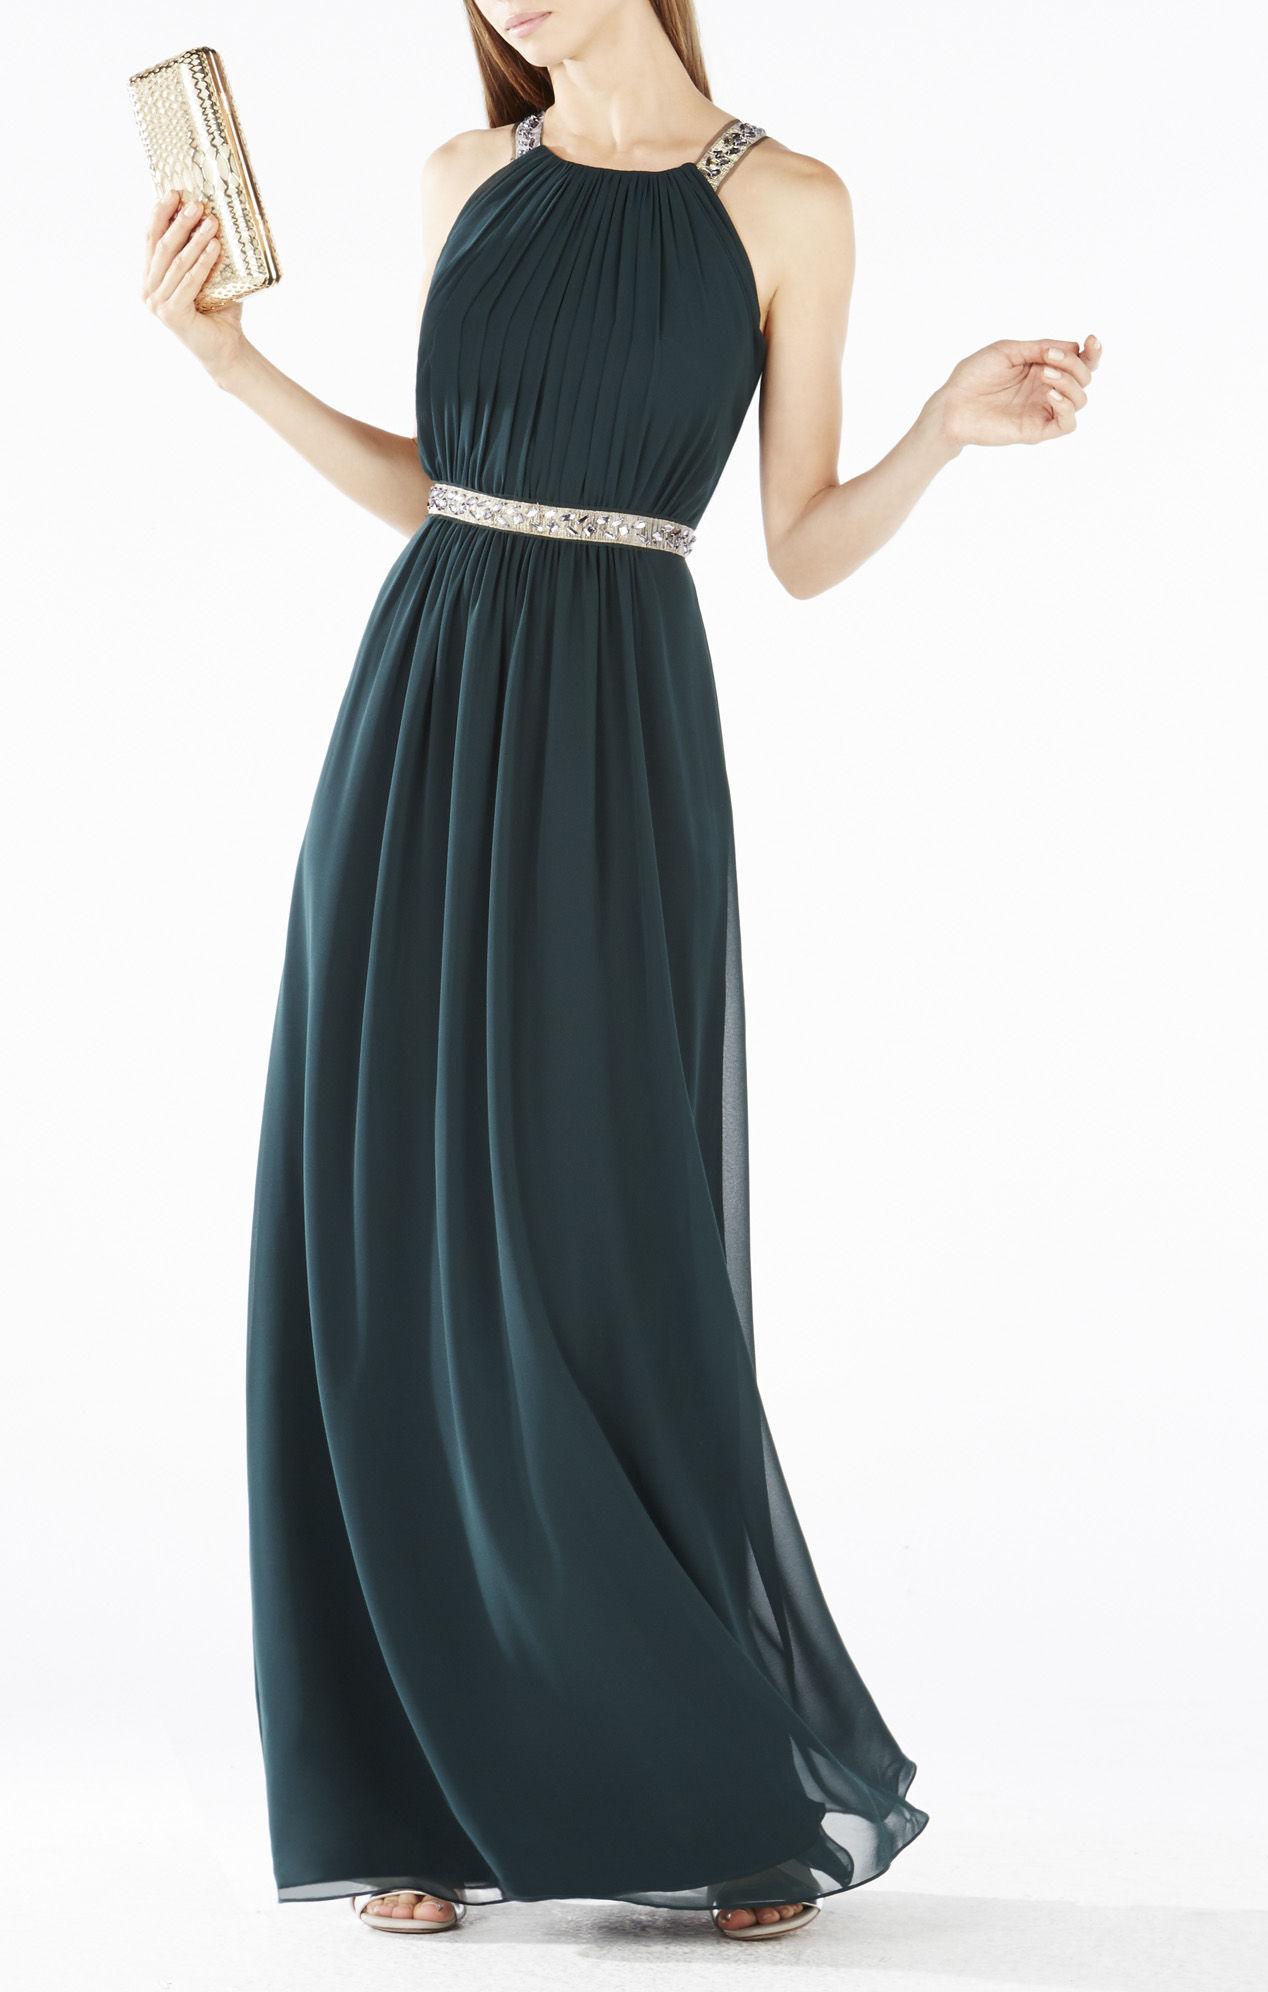 Beaded Celestine Halter Bcbg Evening Dress Chic Bcbg Dresses